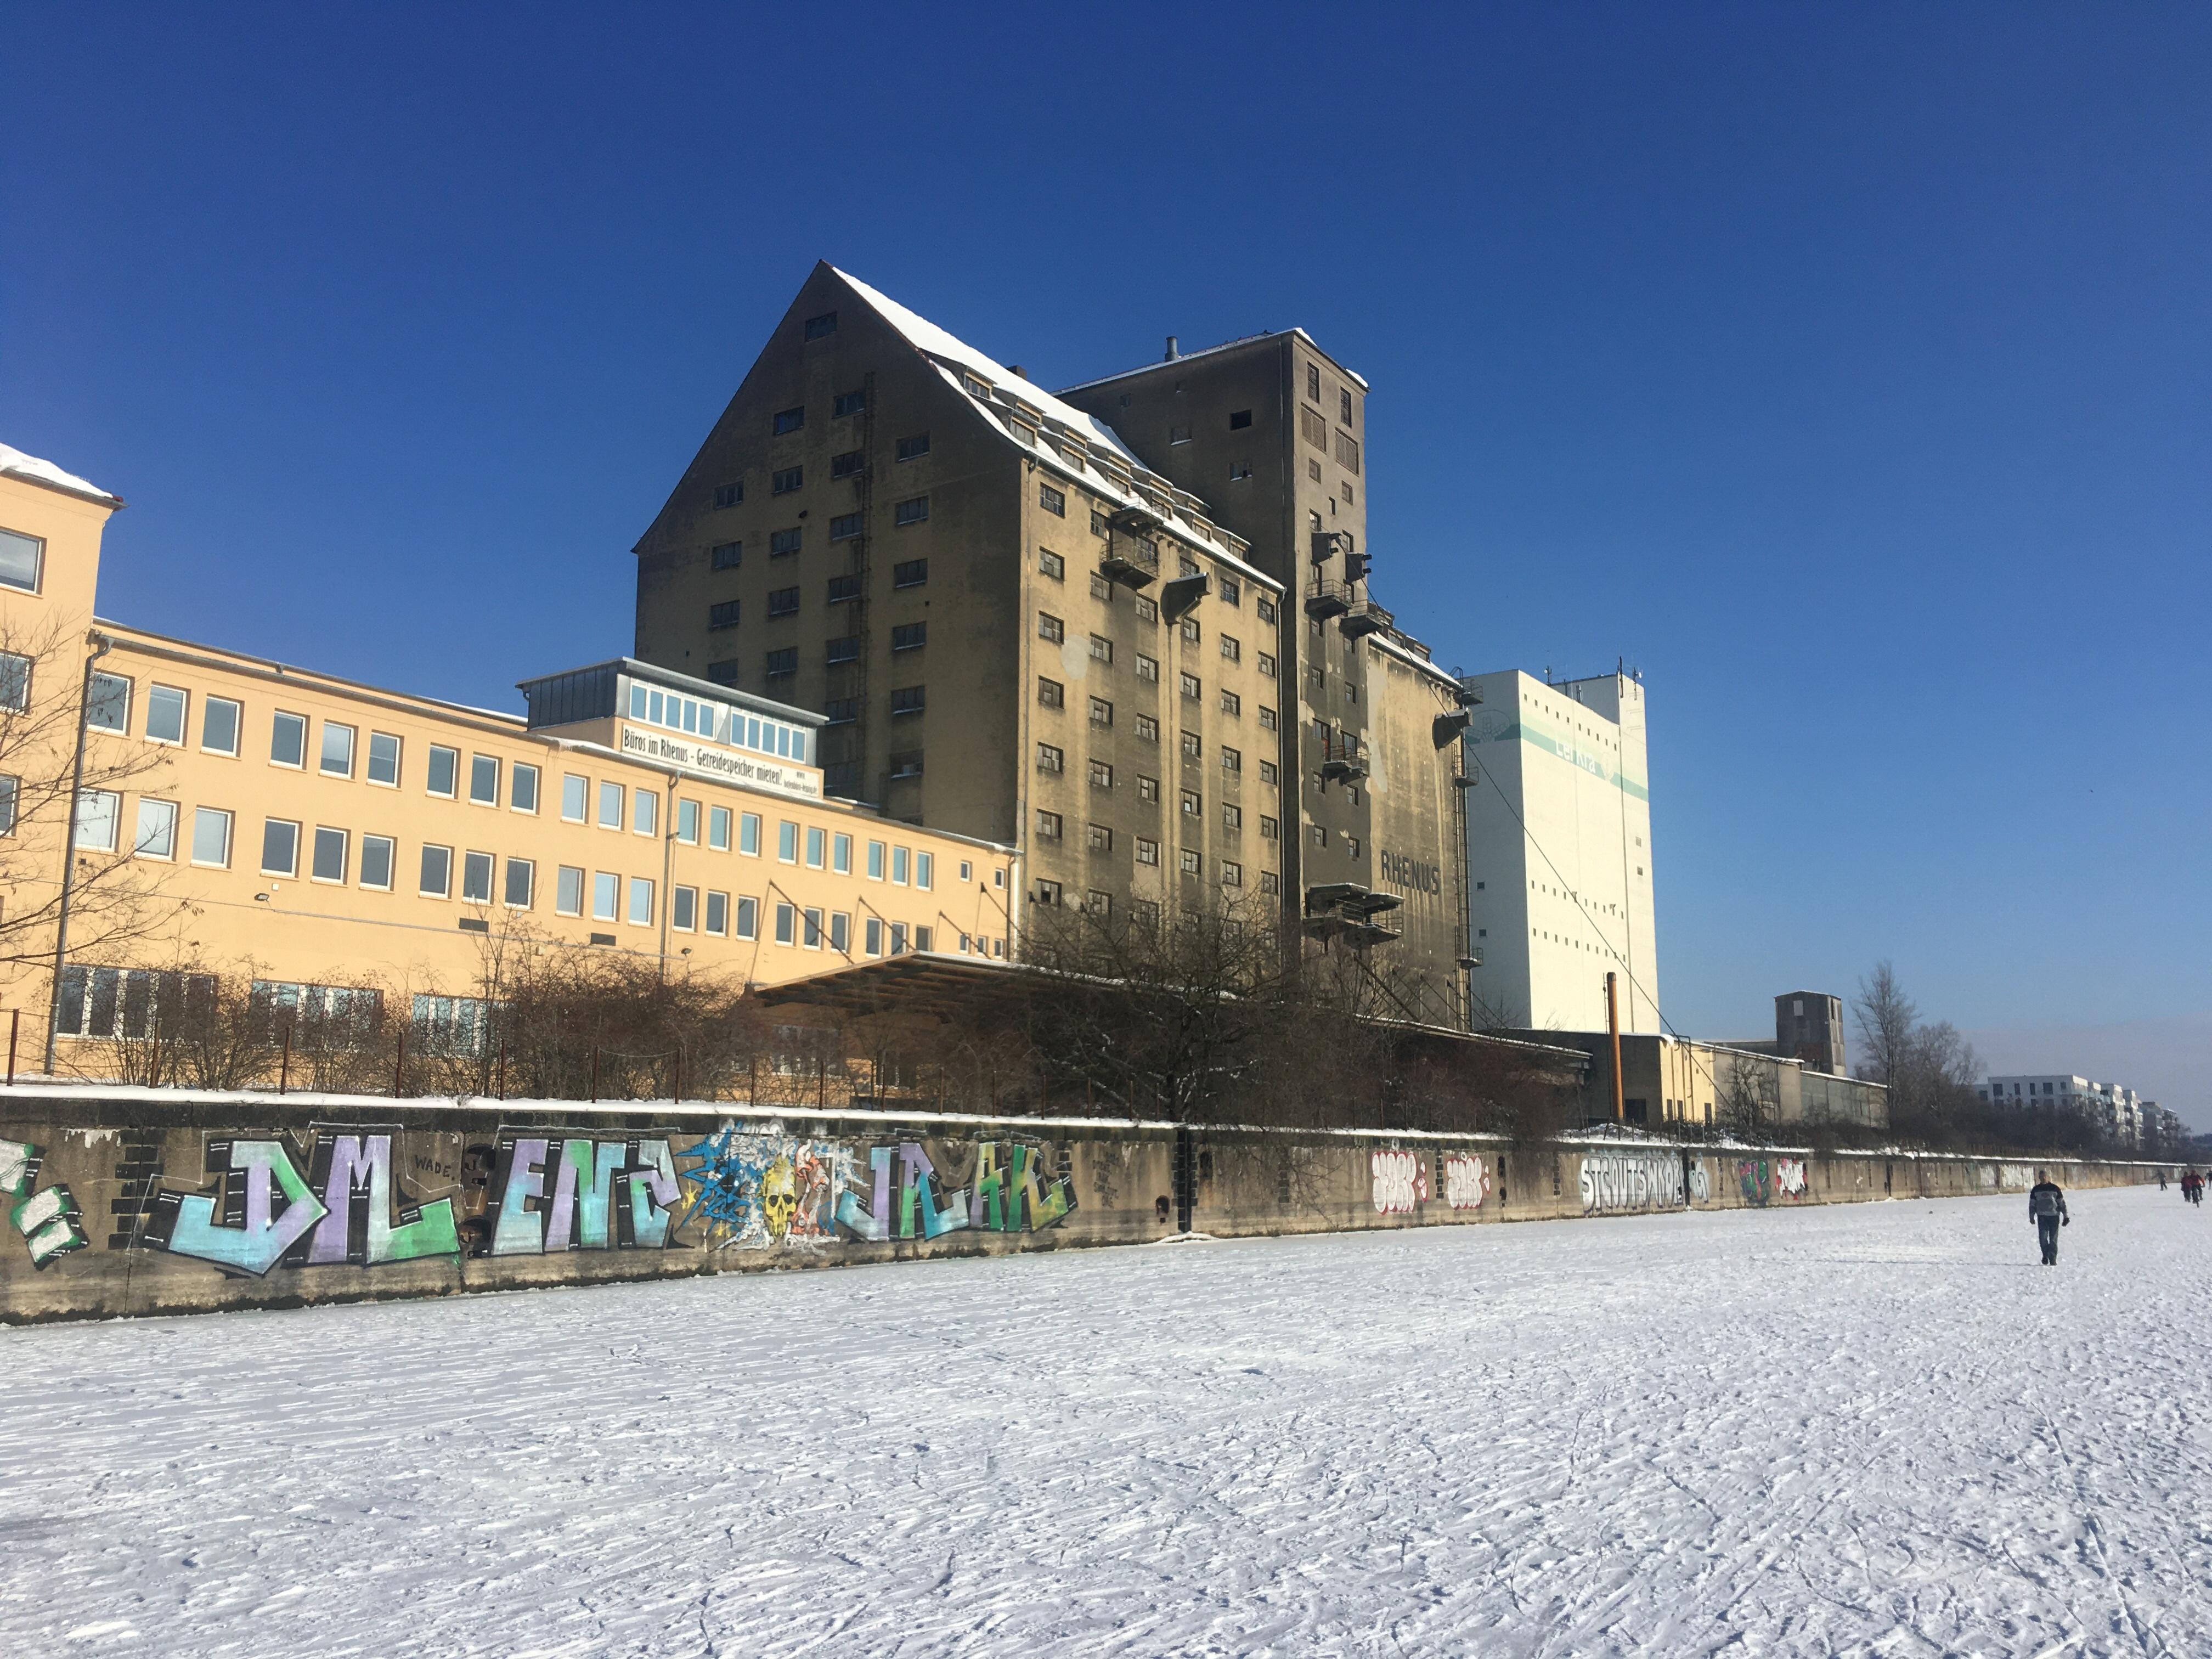 Getreidespeicher am Lindenauer Hafen mit zugefrorenem Karl-Heine-Kanal